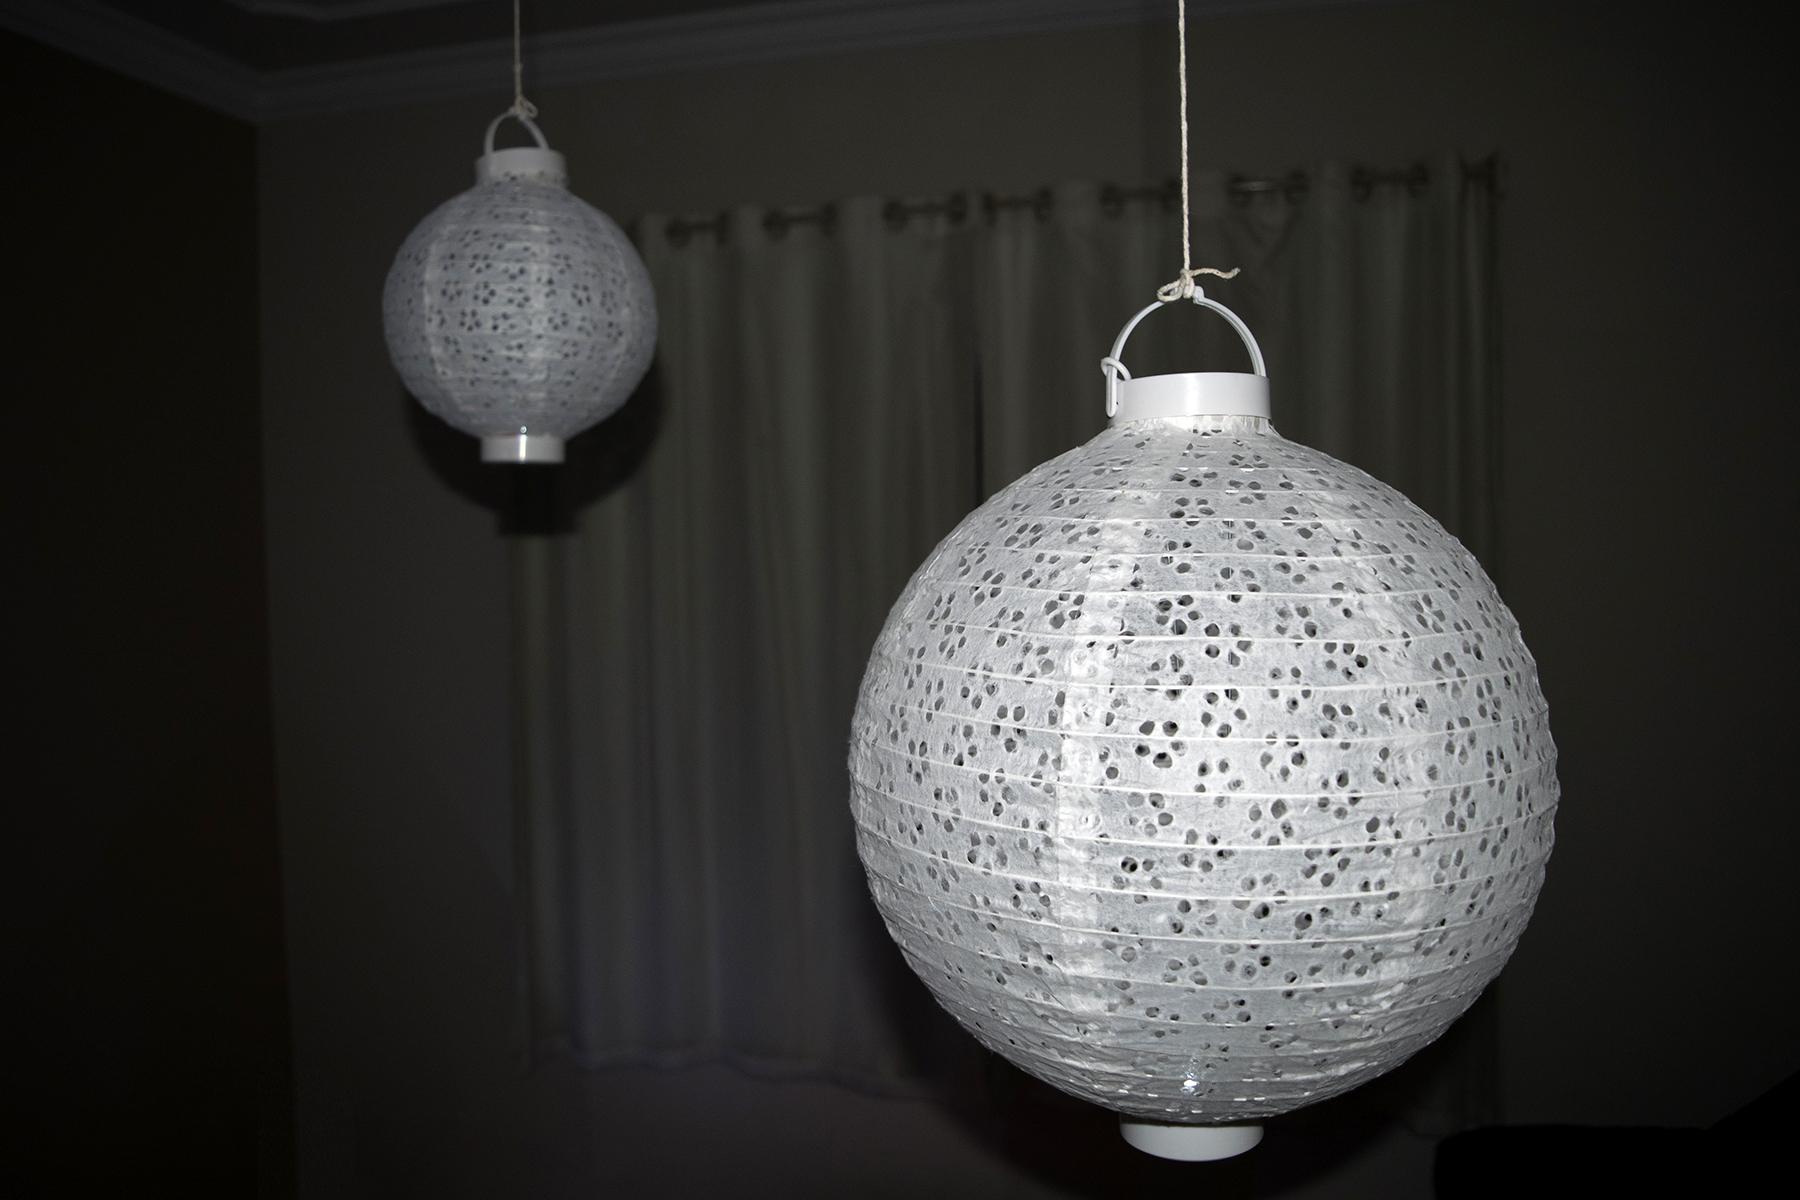 jantar-japones-faca-voce-mesmo-lanternas-de-papel